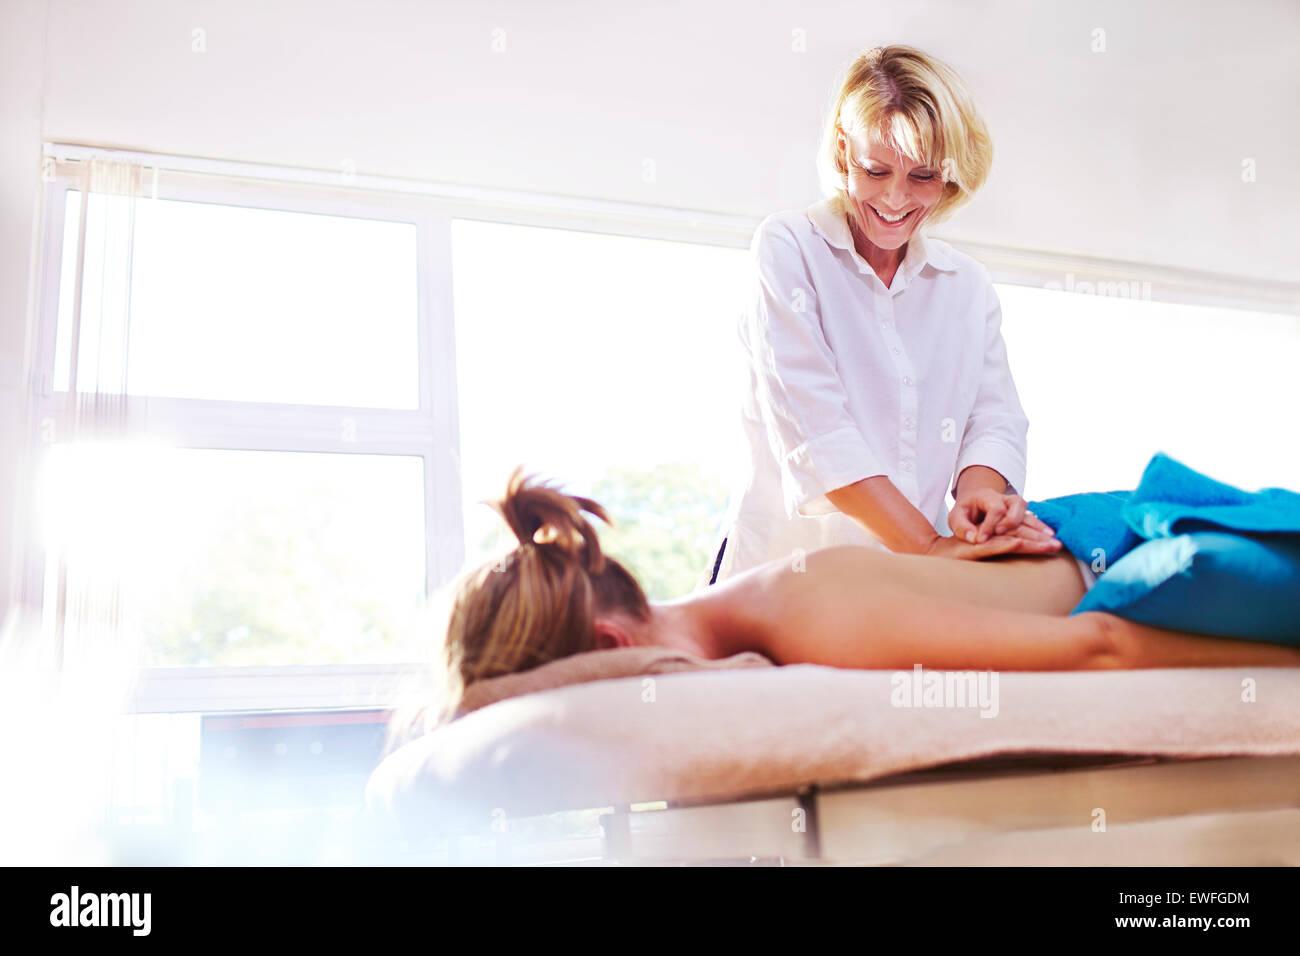 Masseuse massaging woman's back - Stock Image